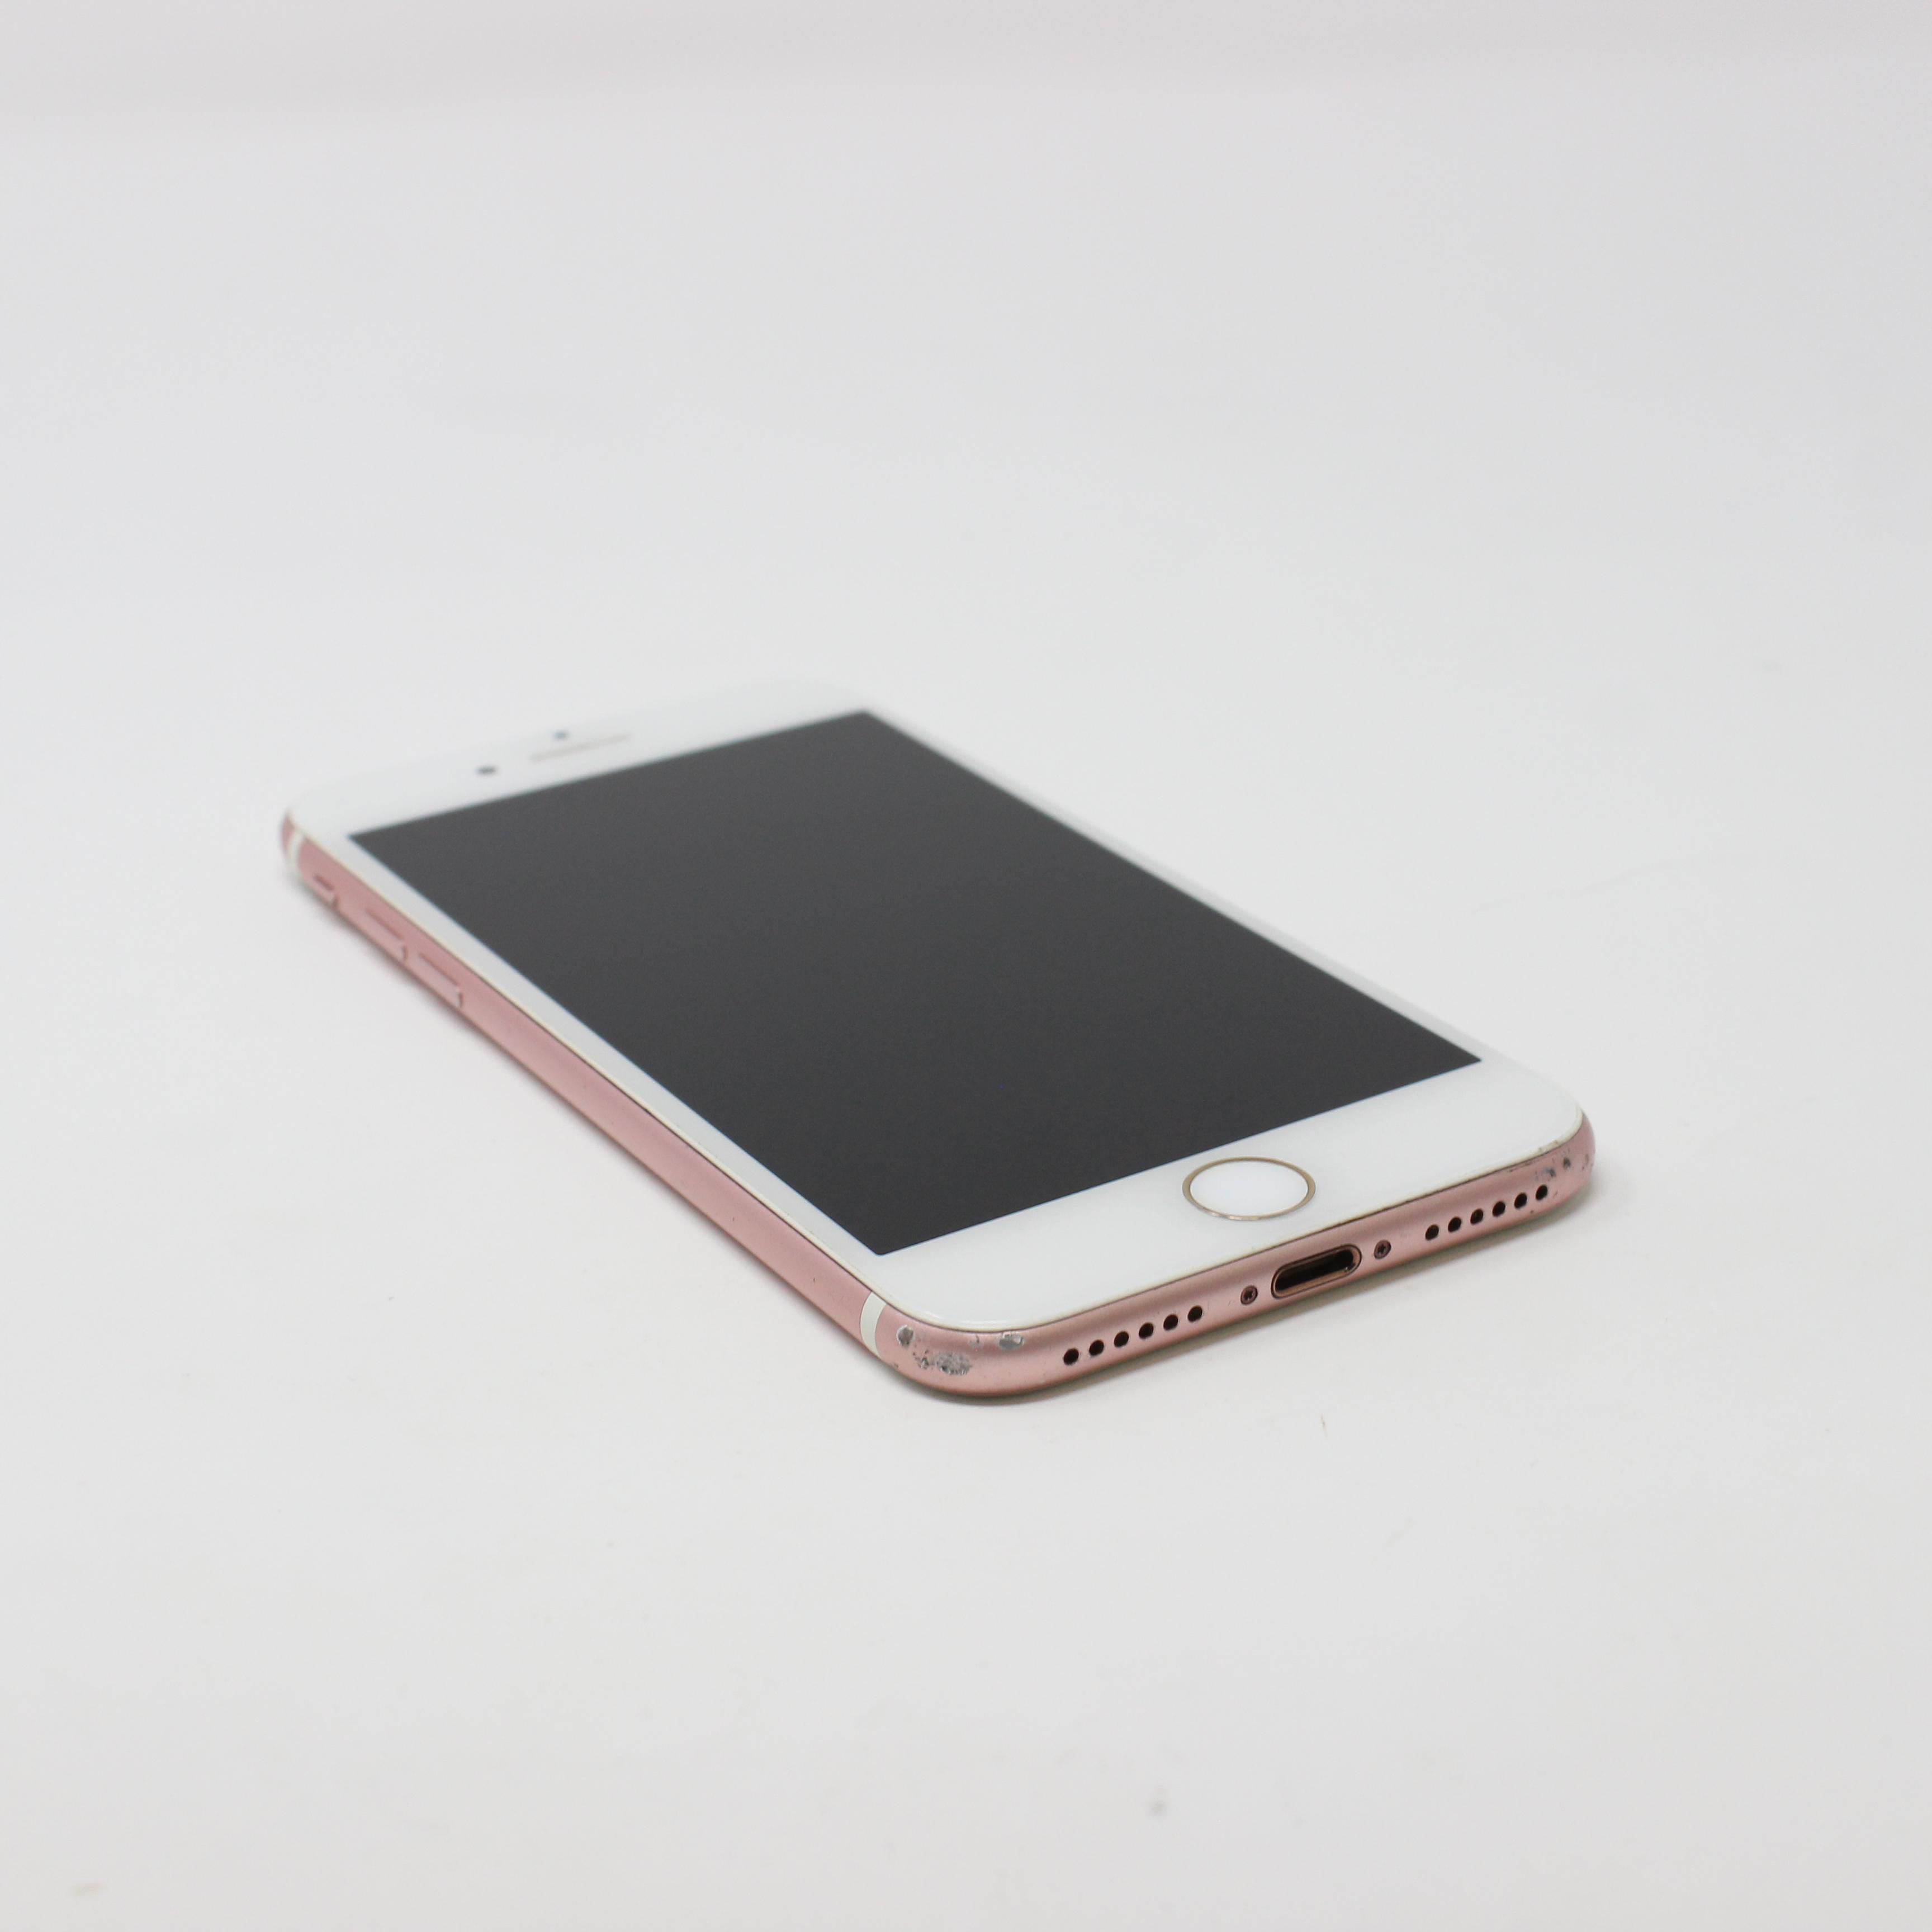 iPhone 7 128GB Rose Gold - Verizon photo 5 | UpTradeit.com